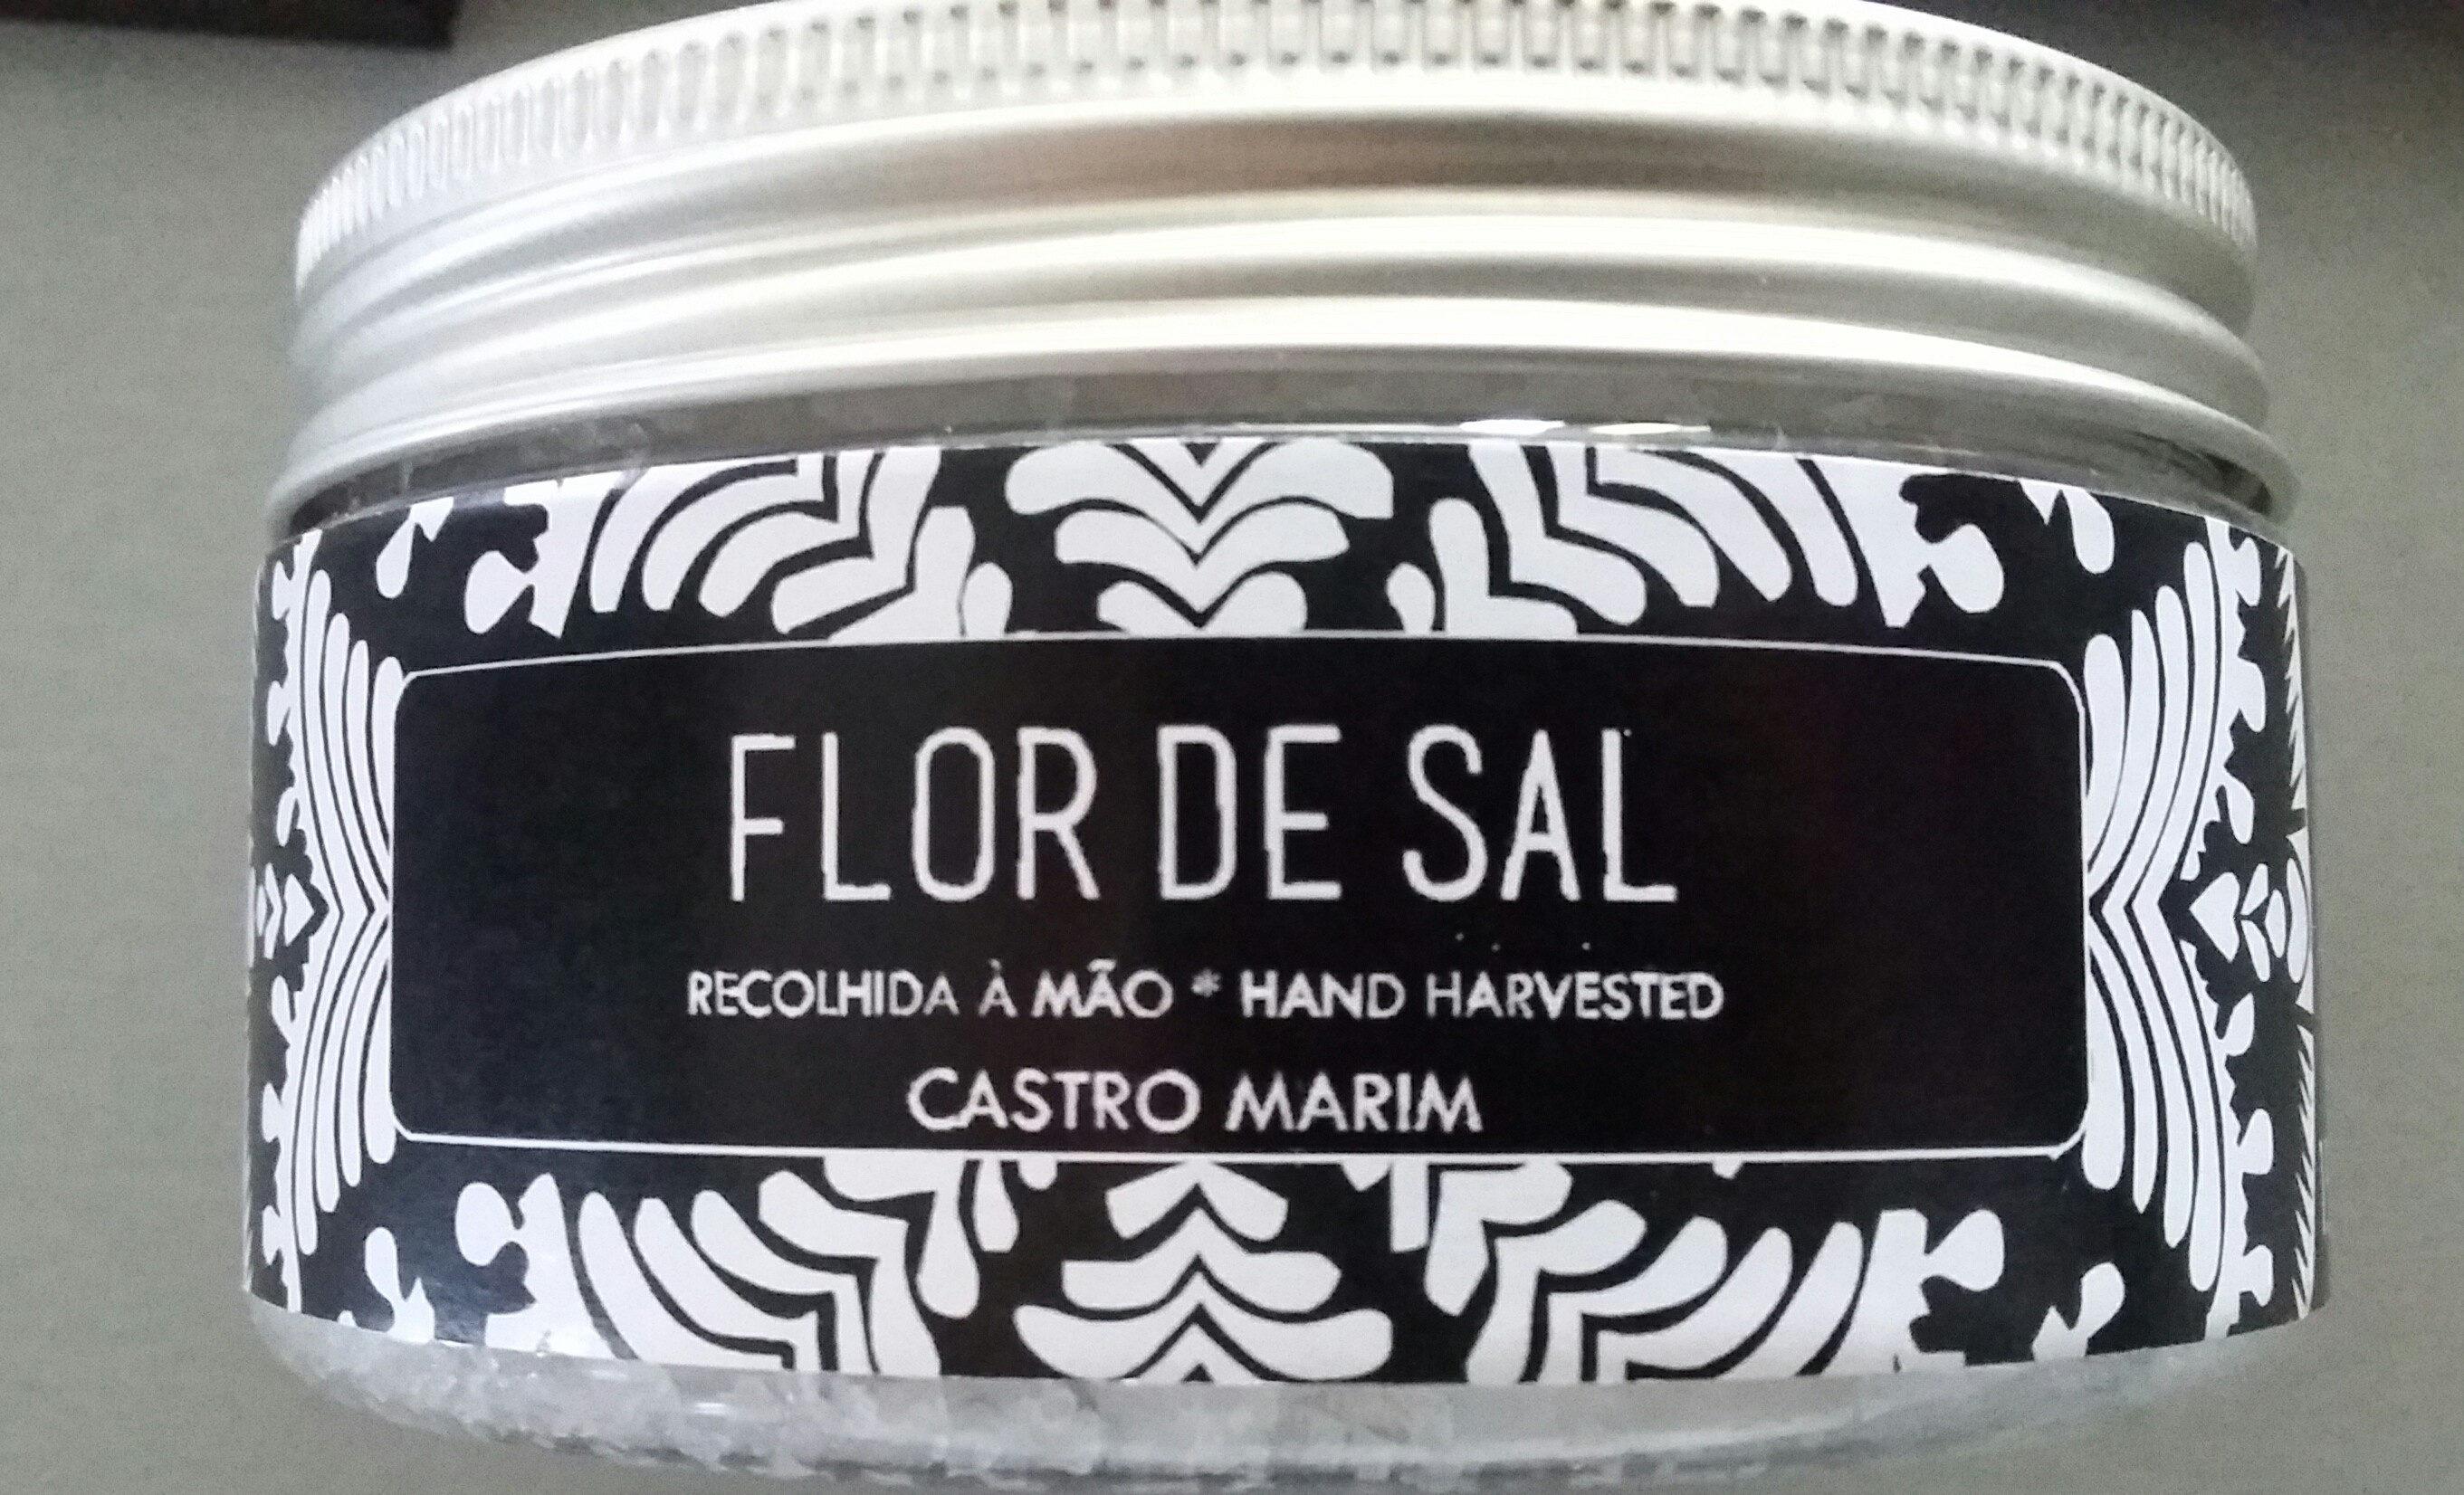 FLOR DE SAL - Product - fr